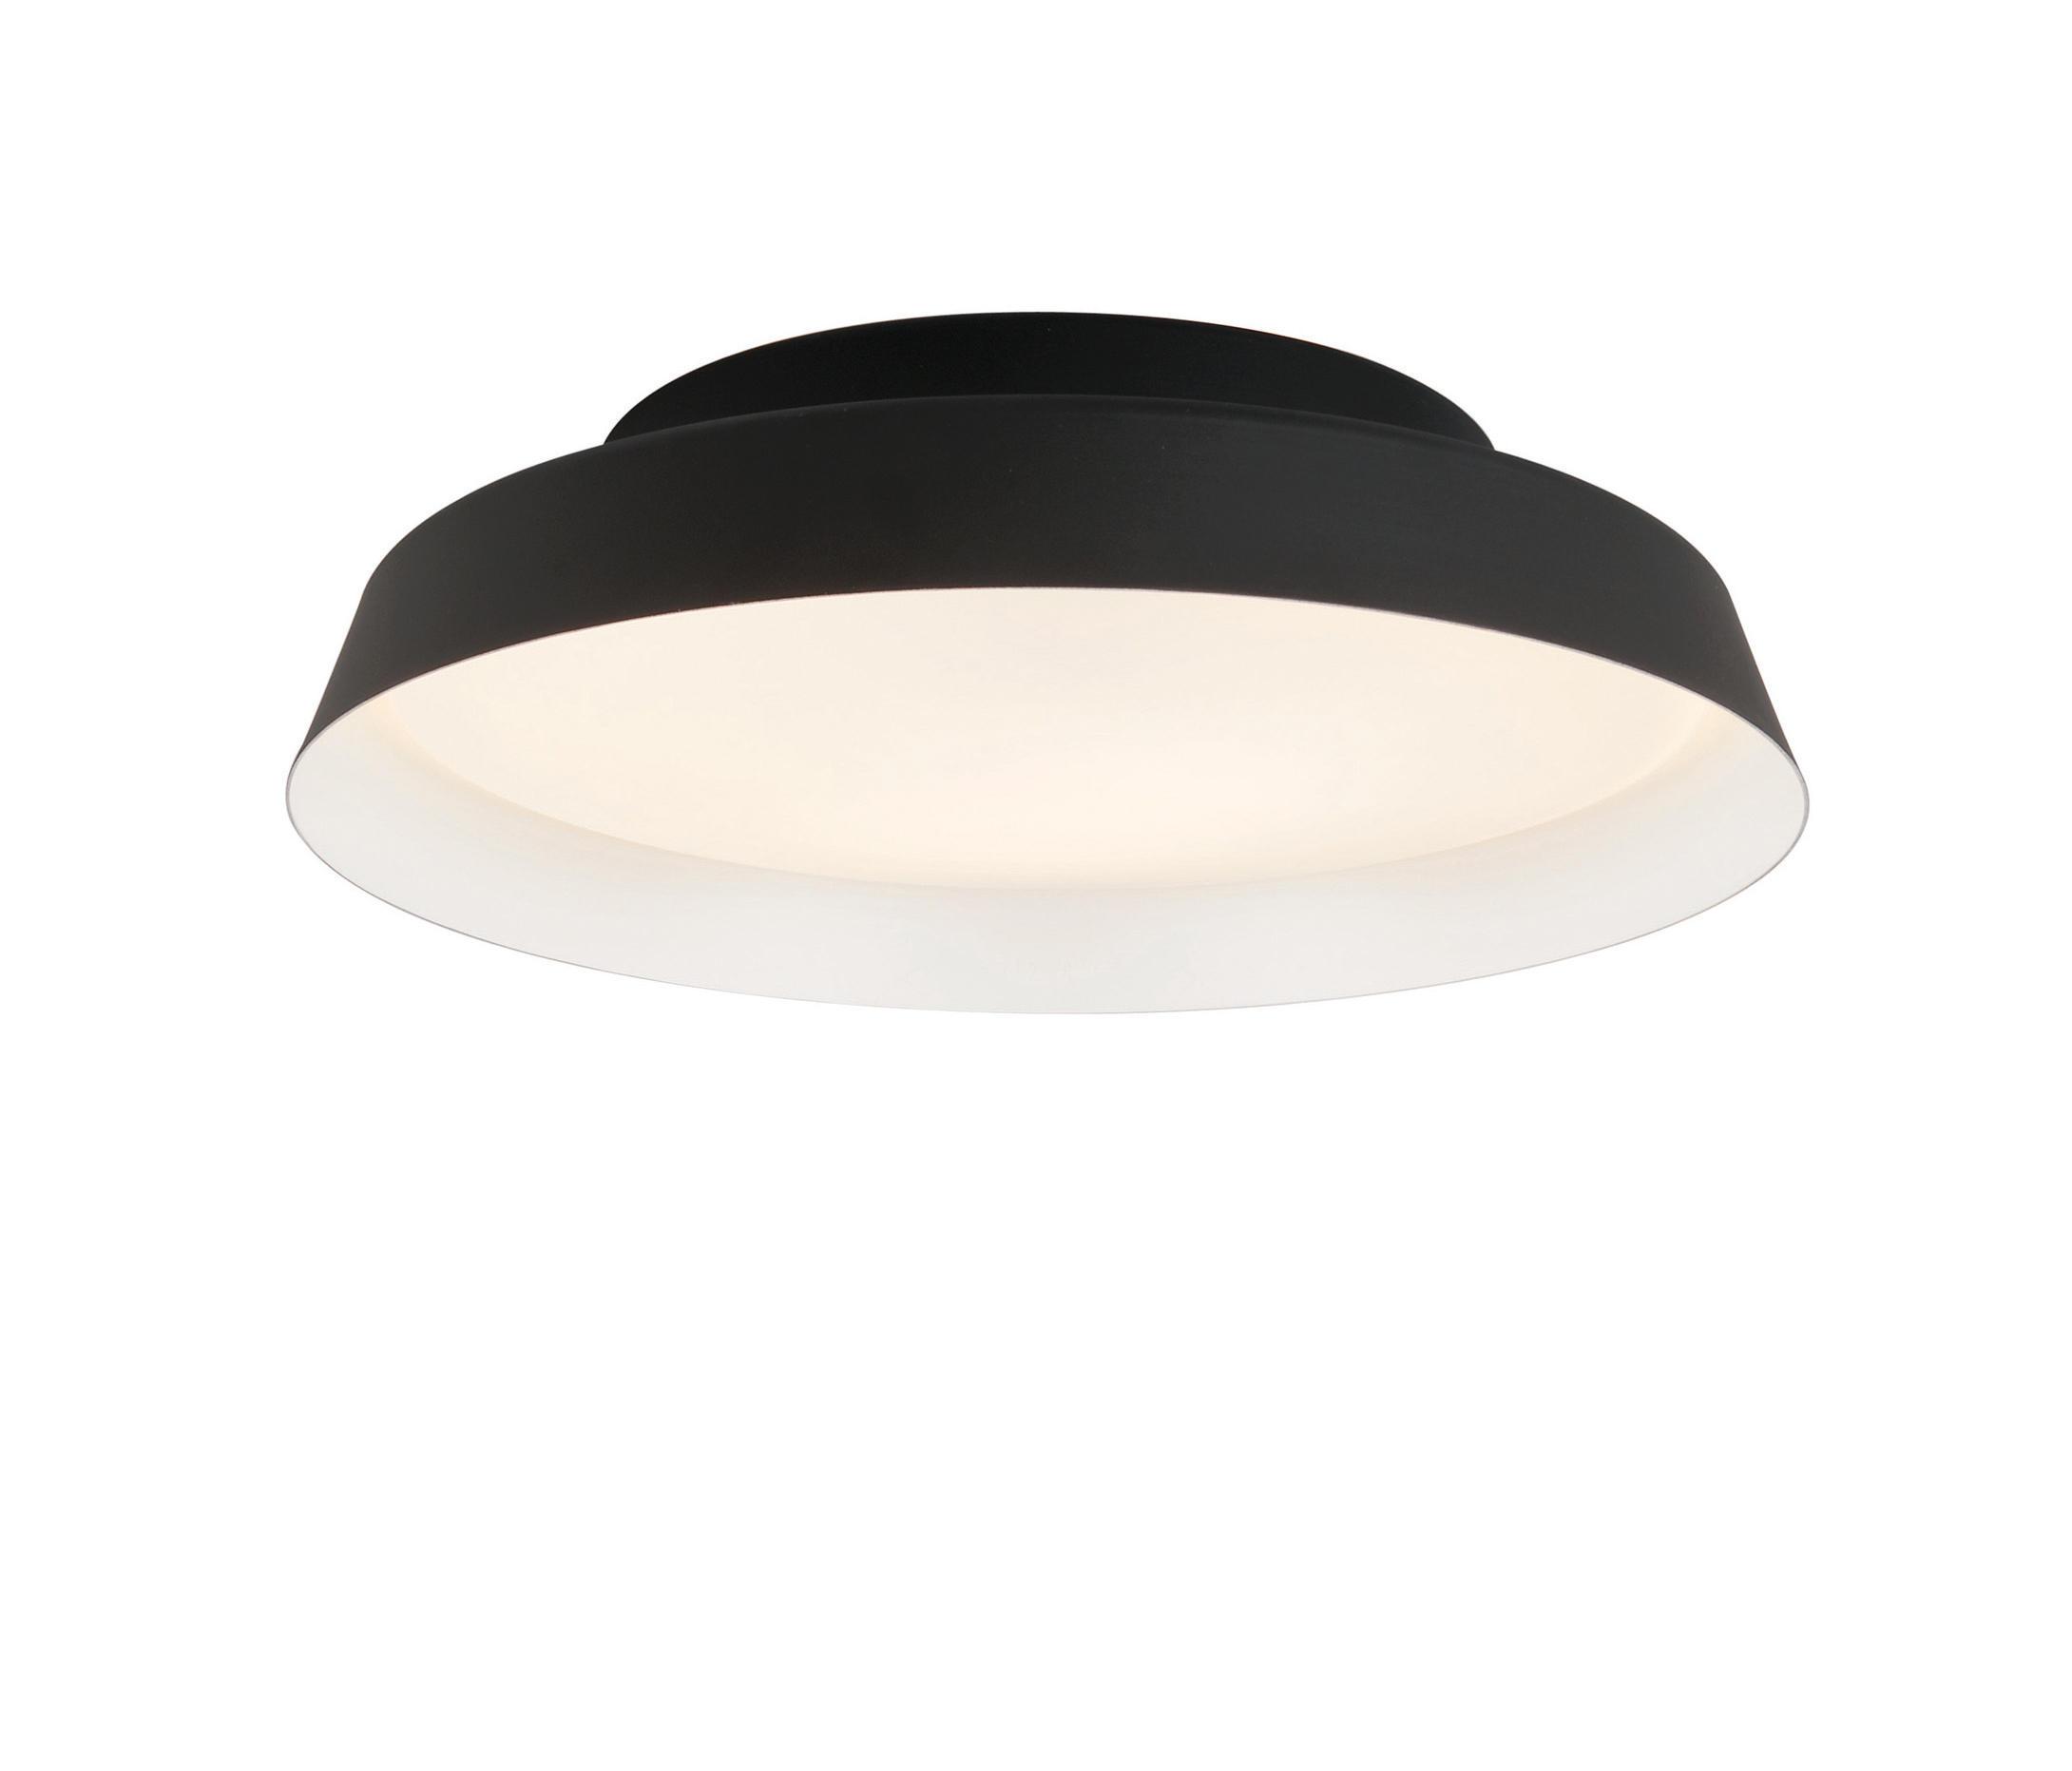 Boop Wall lamp/ceiling lamp ø37cm E27 2x22w Black/White